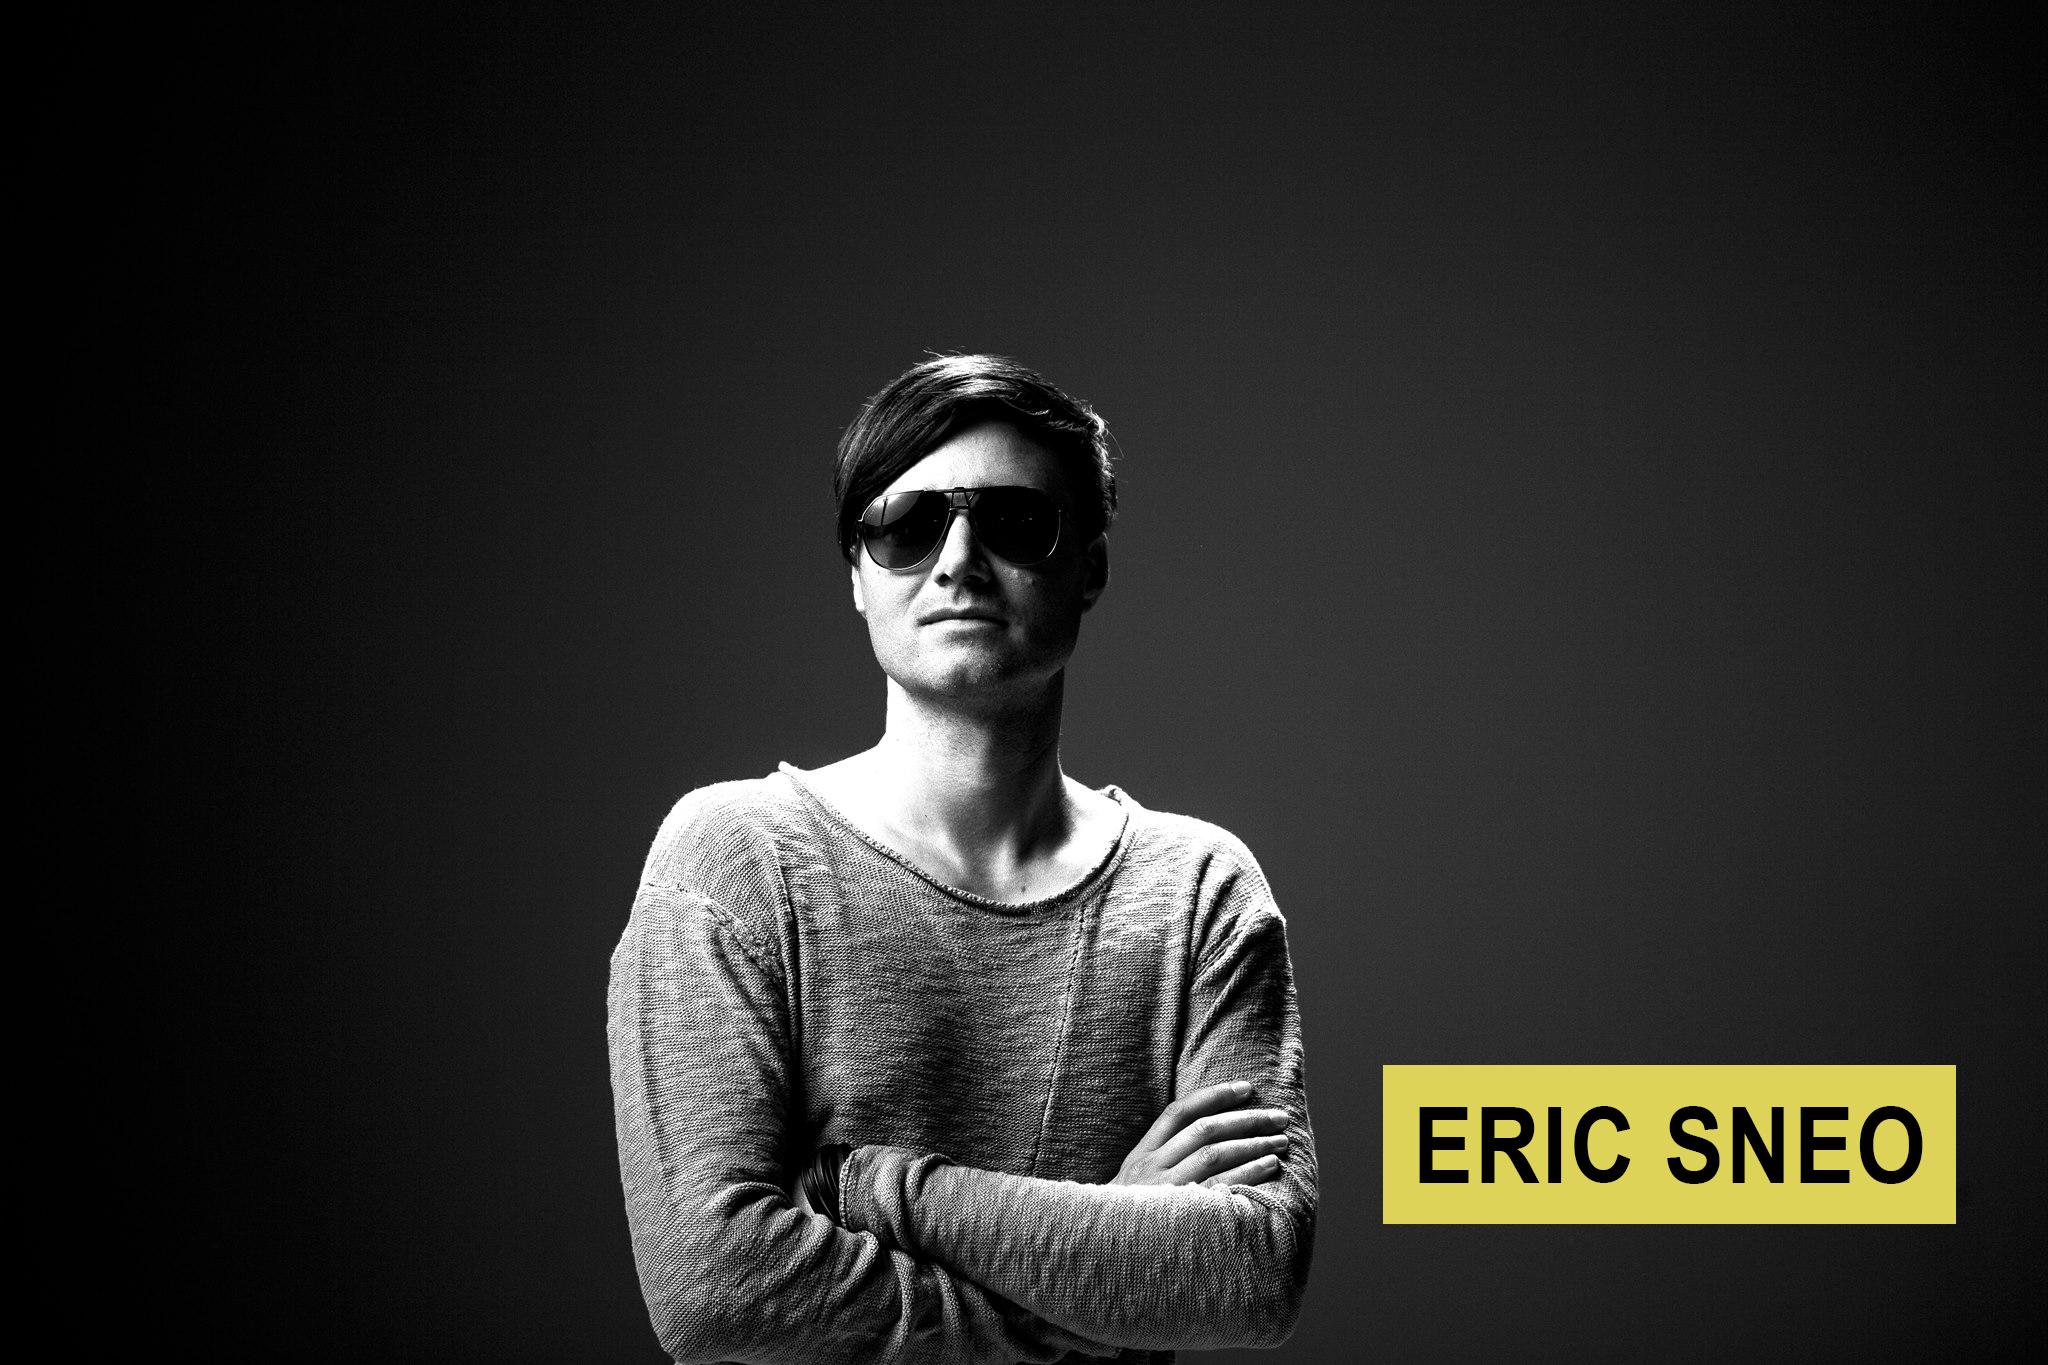 Eric Sneo - Summer3p festival 2017